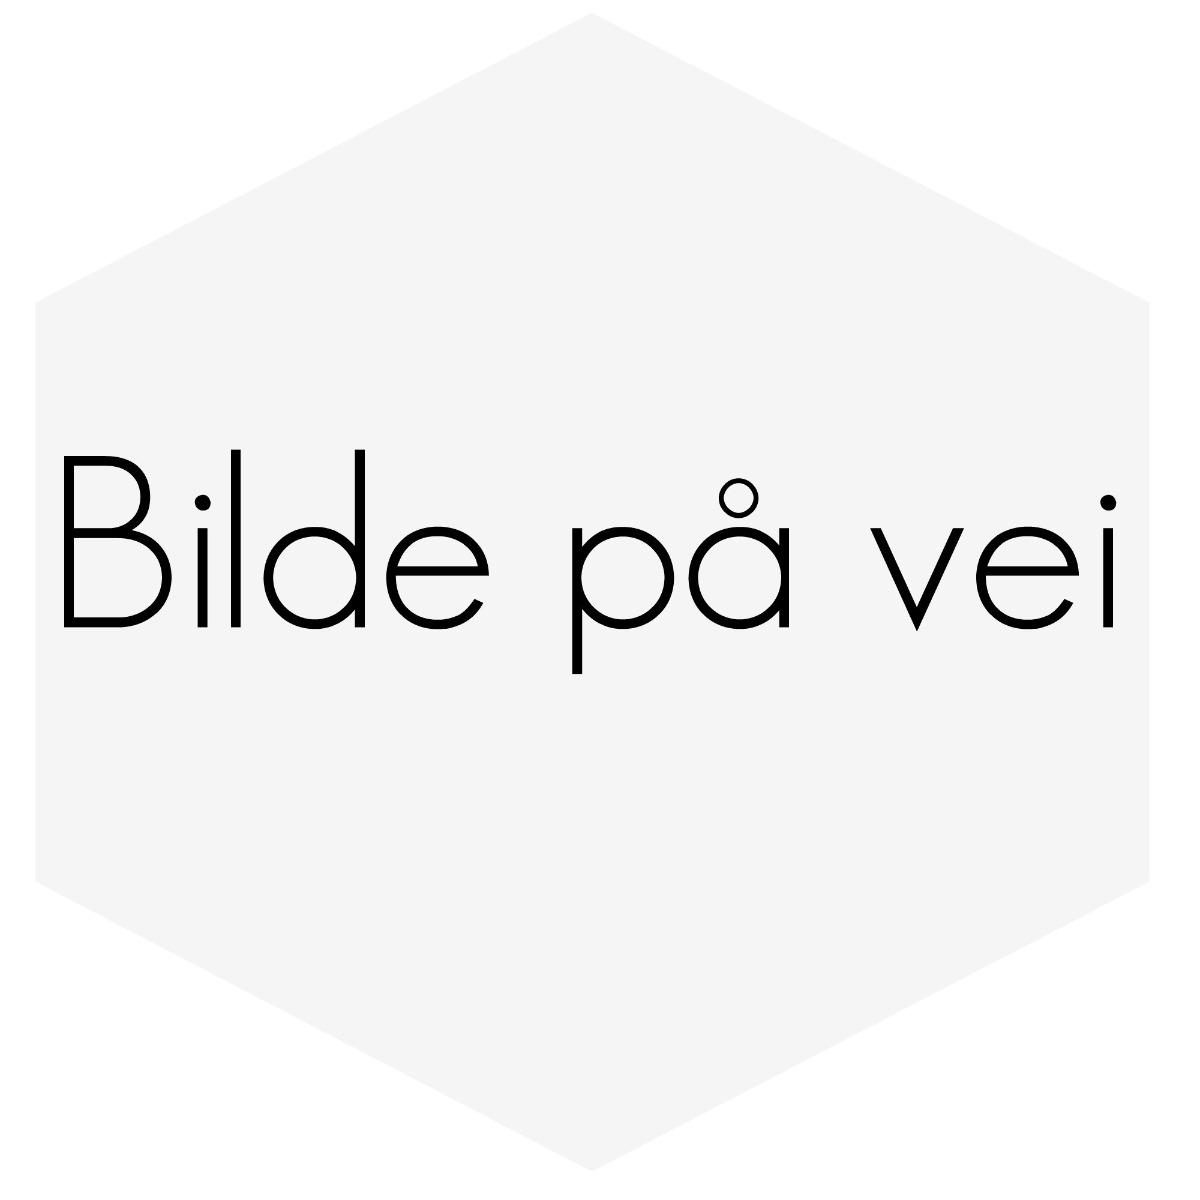 FORING AMAZON/P1800 BAKAKSEL BAKRE BÆREARM>66 IKKE STV.